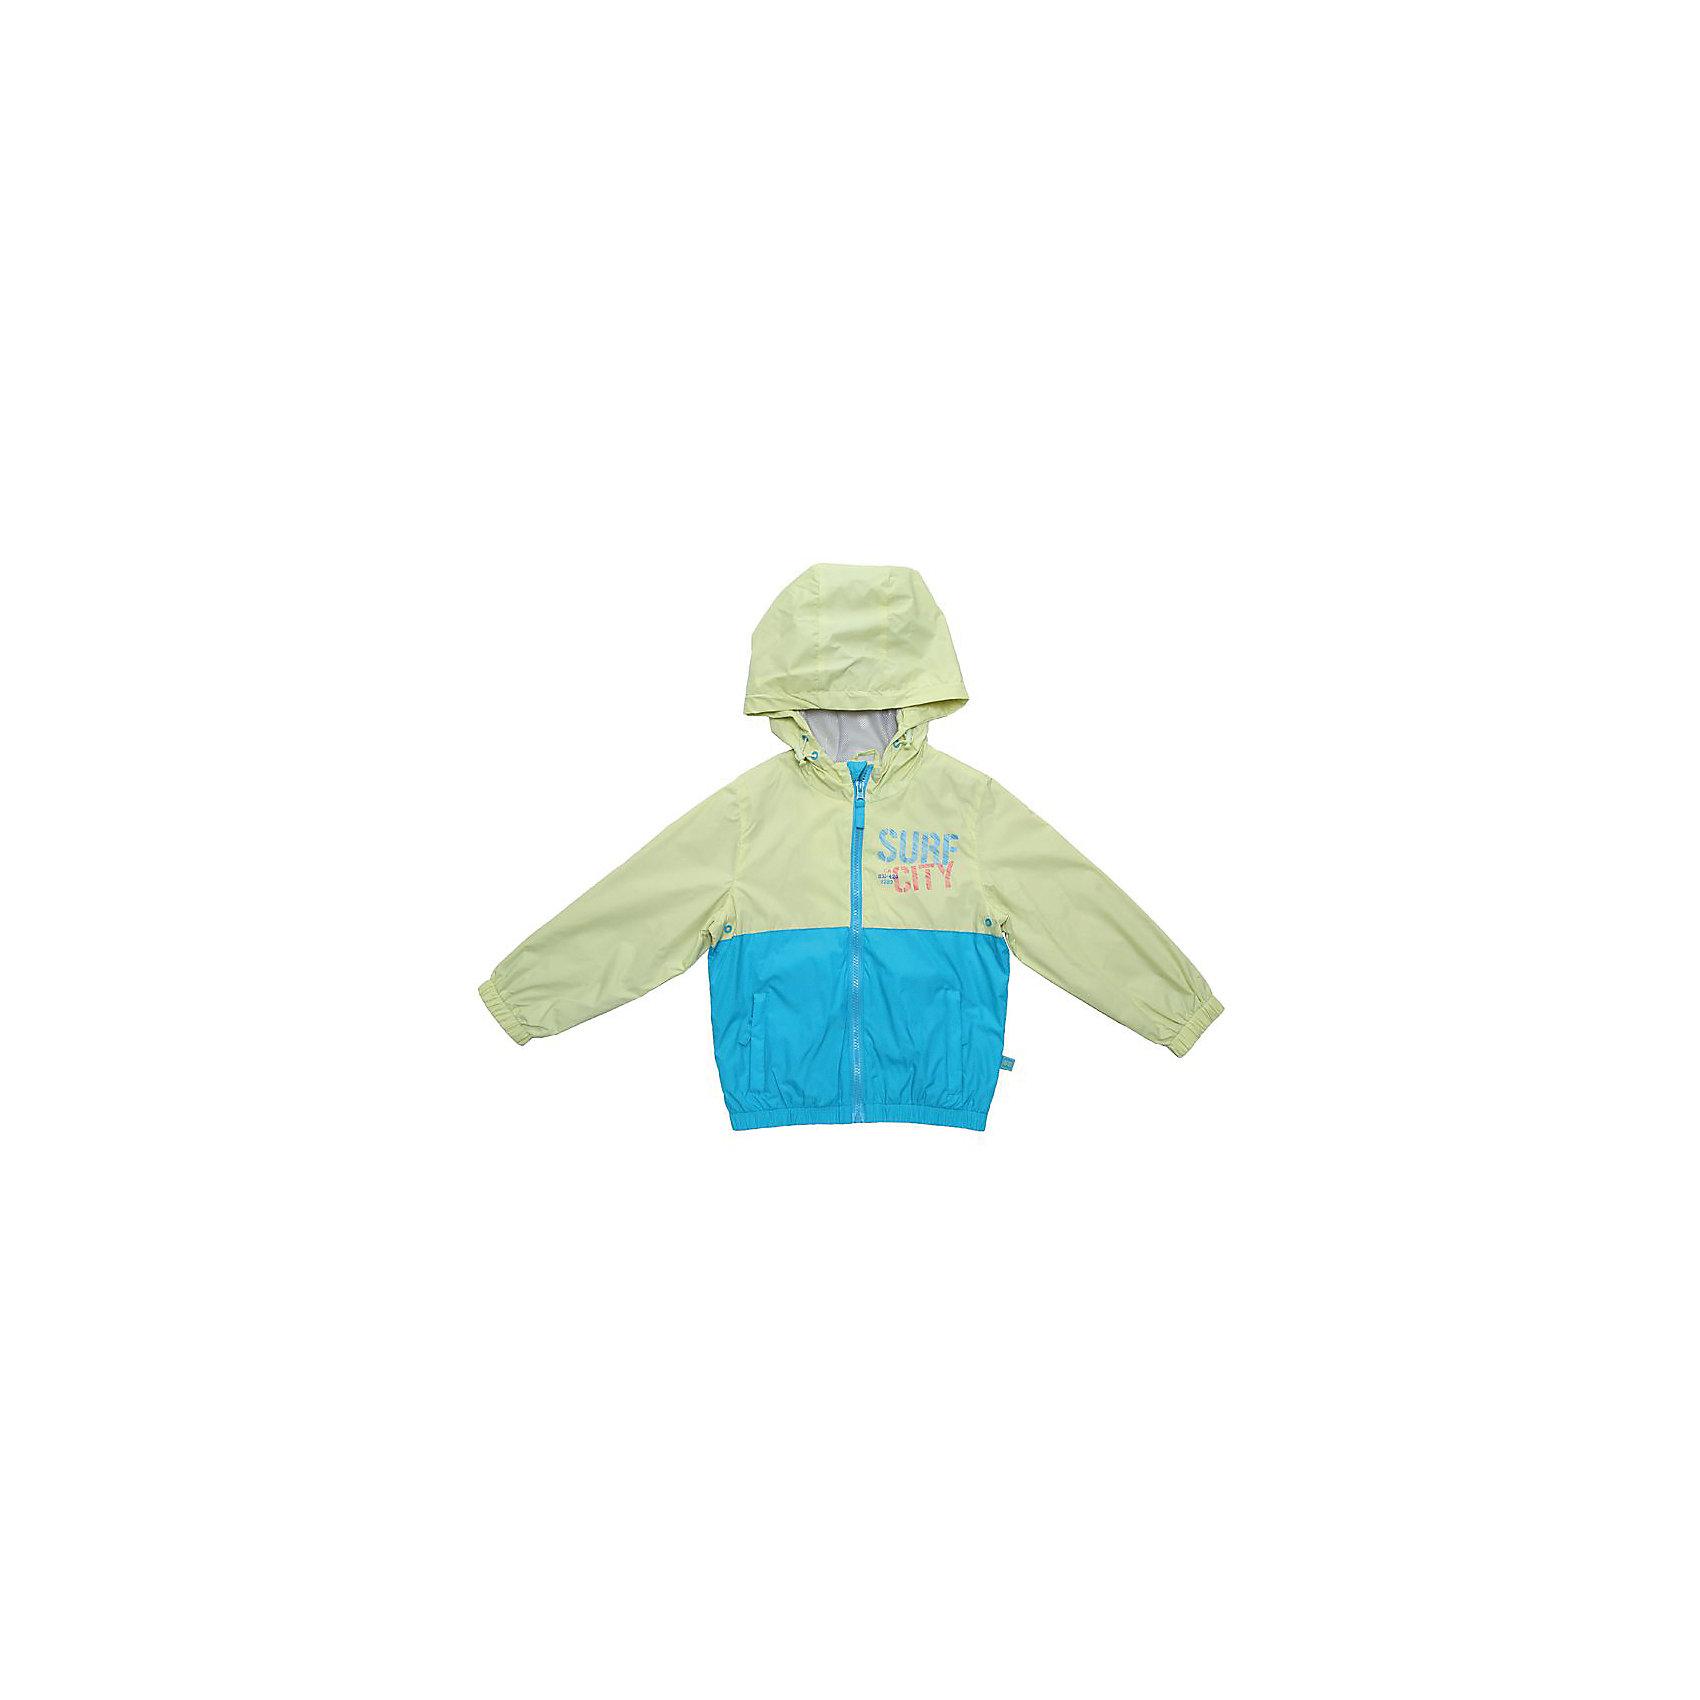 Ветровка для мальчика Sweet BerryВерхняя одежда<br>Яркая, модная ветровка из комбинированной плащевой ткани. Внутри подкладка - сетка. Утяжка на капюшоне. Ветровка декорирована принтом. <br>Состав:<br>Верх: 100% нейлон Подкладка: 100% полиэстер<br><br>Ширина мм: 356<br>Глубина мм: 10<br>Высота мм: 245<br>Вес г: 519<br>Цвет: разноцветный<br>Возраст от месяцев: 36<br>Возраст до месяцев: 48<br>Пол: Мужской<br>Возраст: Детский<br>Размер: 104,128,116,110,122,98<br>SKU: 4020338